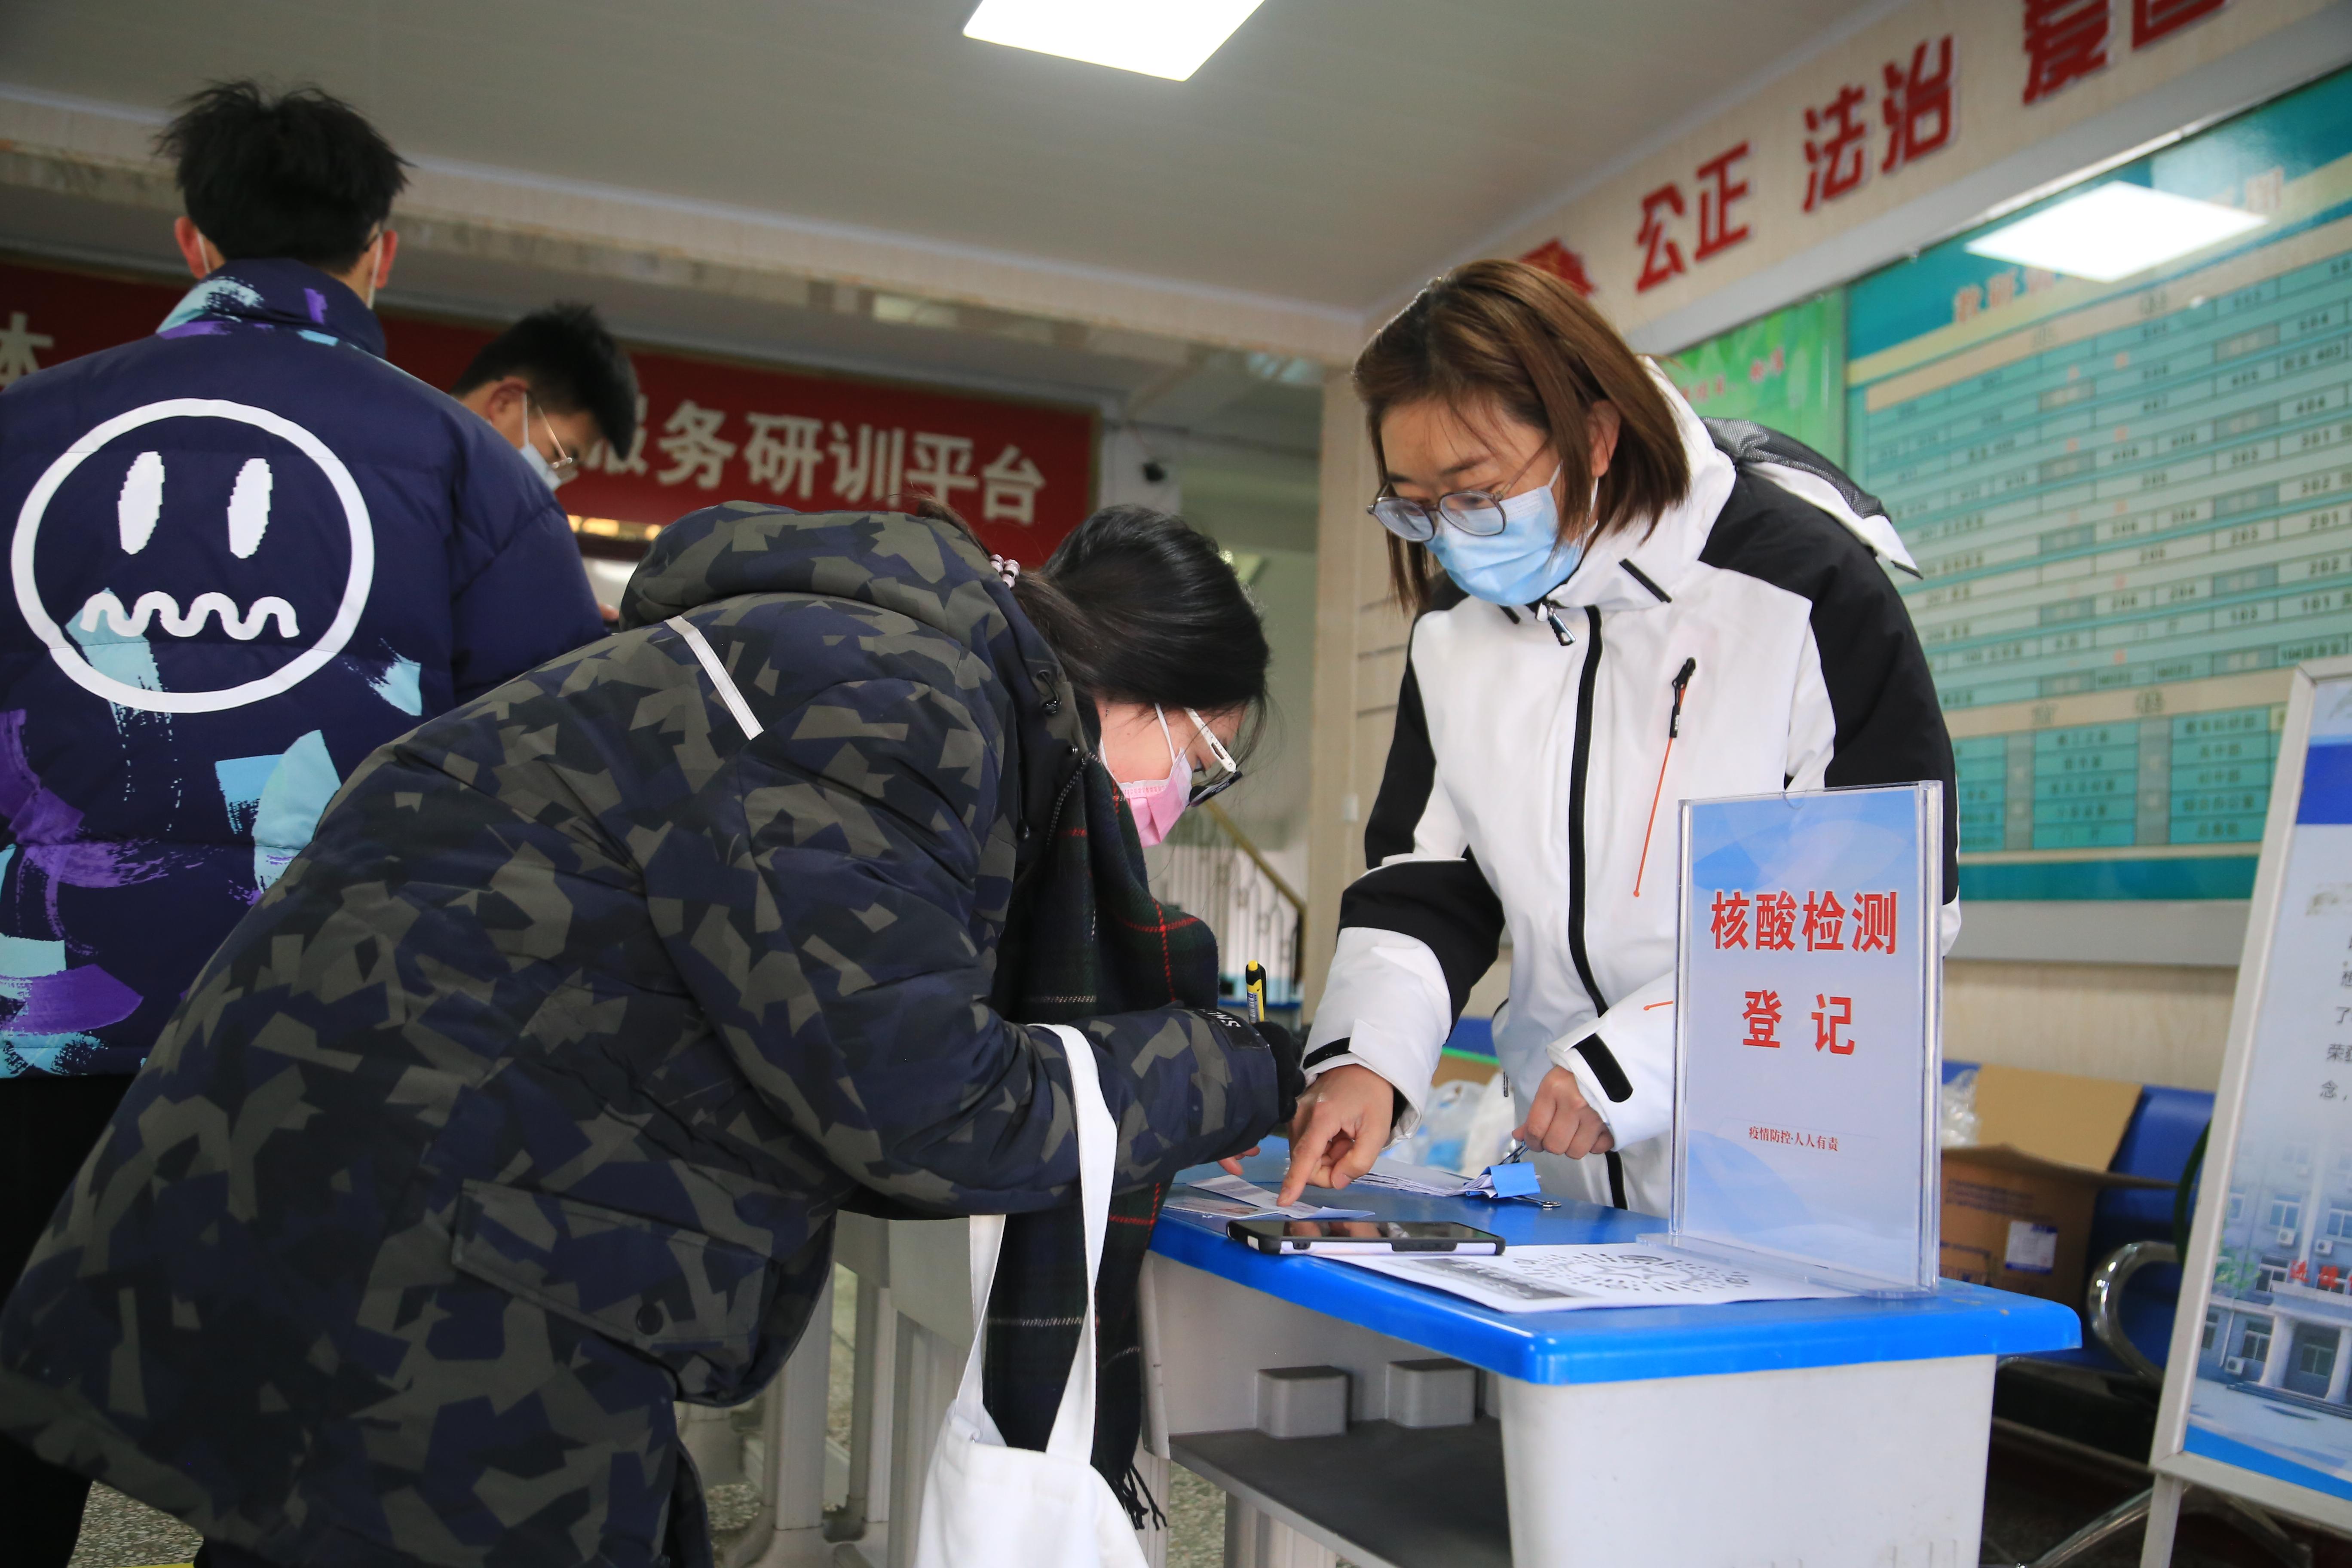 玉田县设立八个「愿检尽检」采样点,确保群众核酸检测